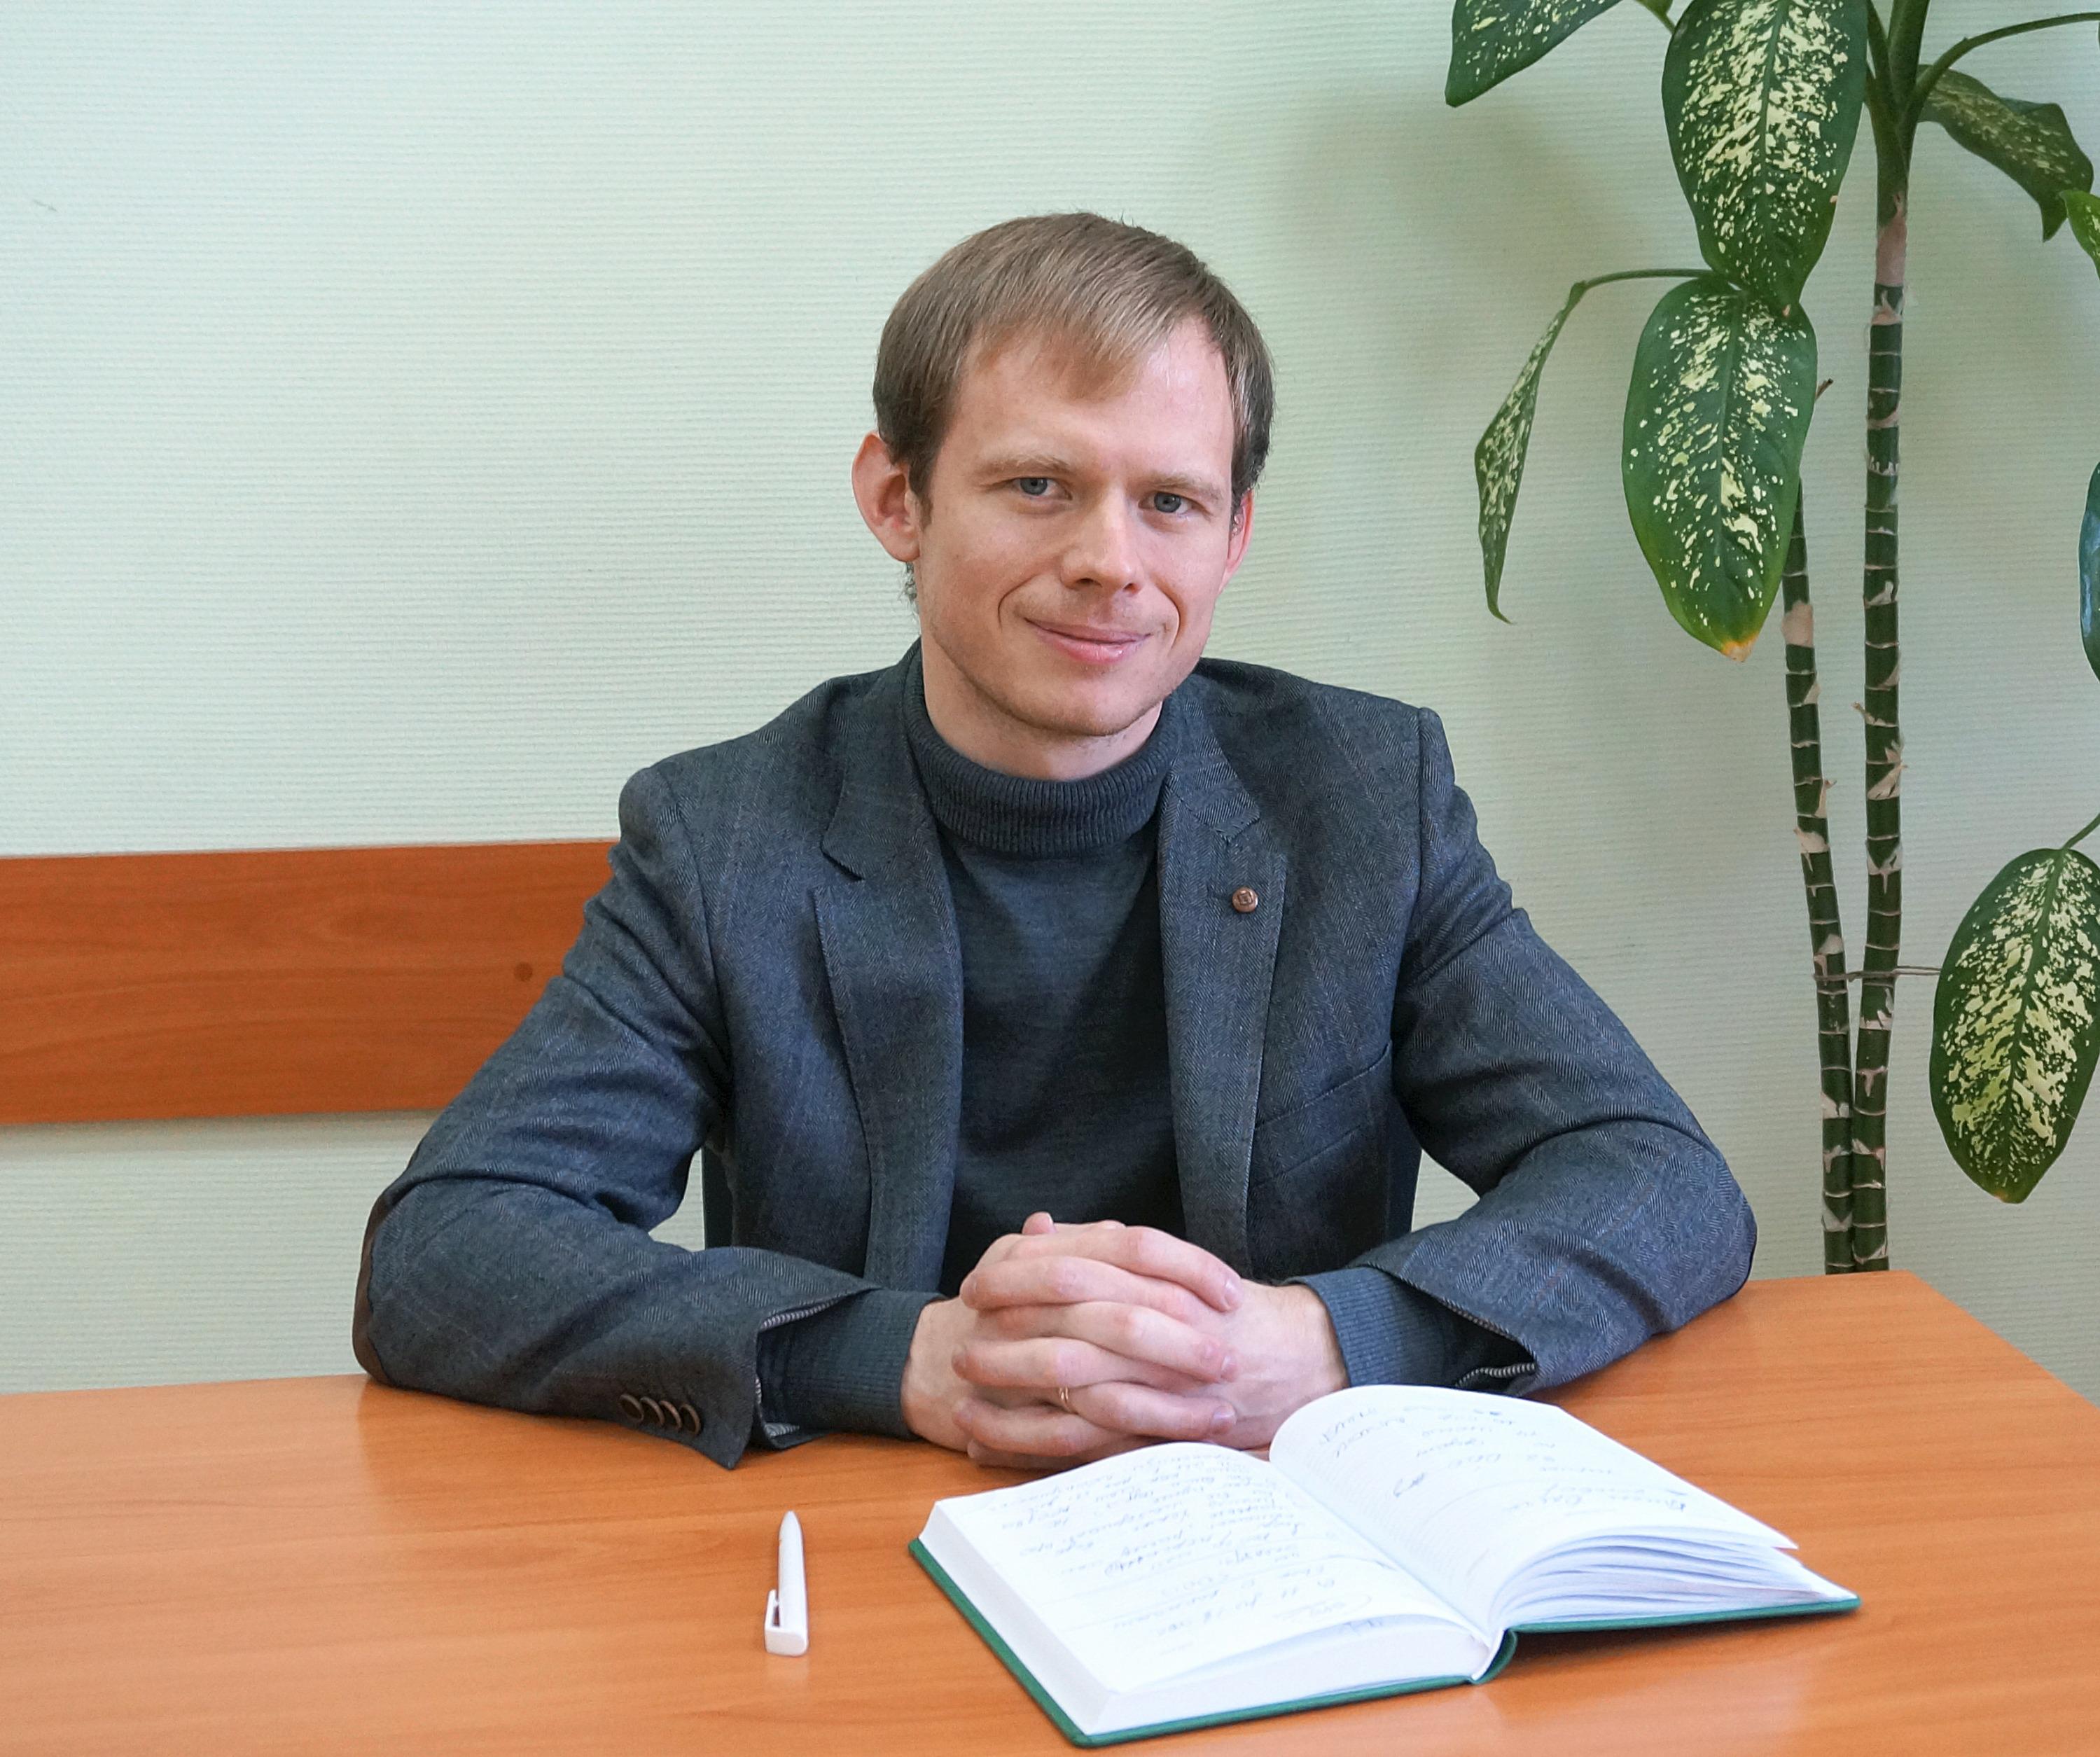 Дмитрий Денисов объяснил, что метод самовзятия в лабораторной диагностике практикуют давно. И не только в России